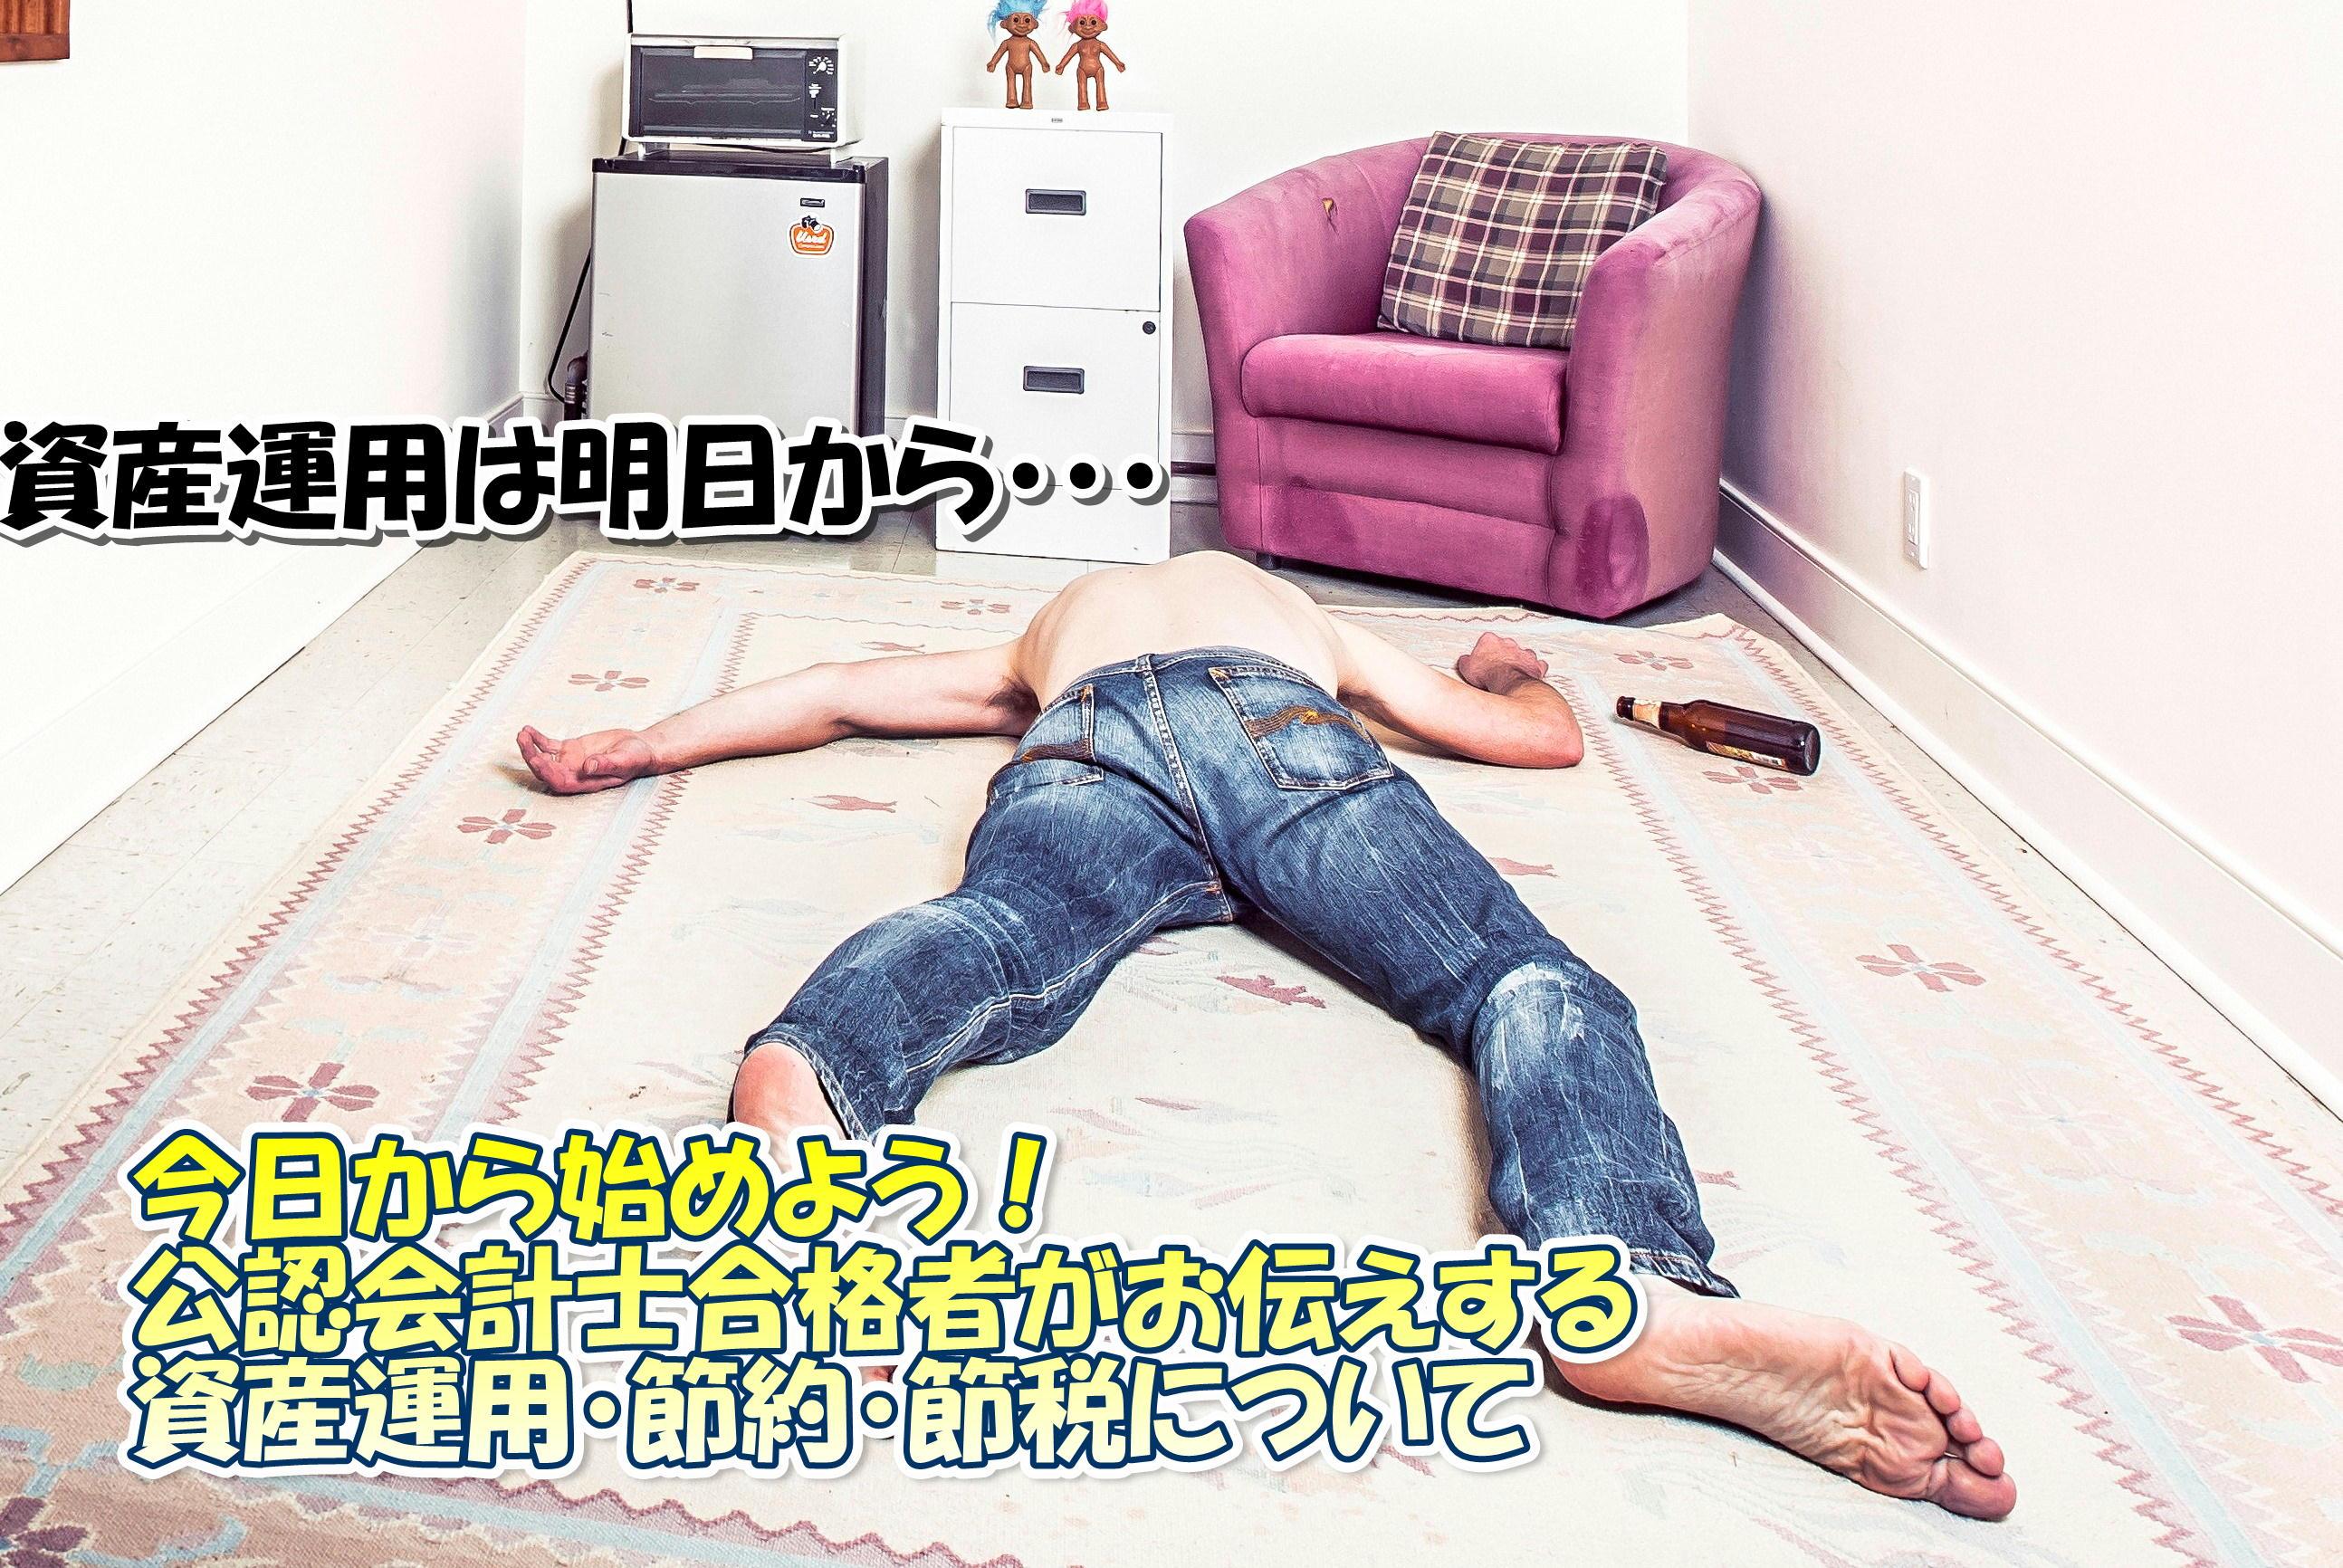 投資おやじバナー 合格者.JPG